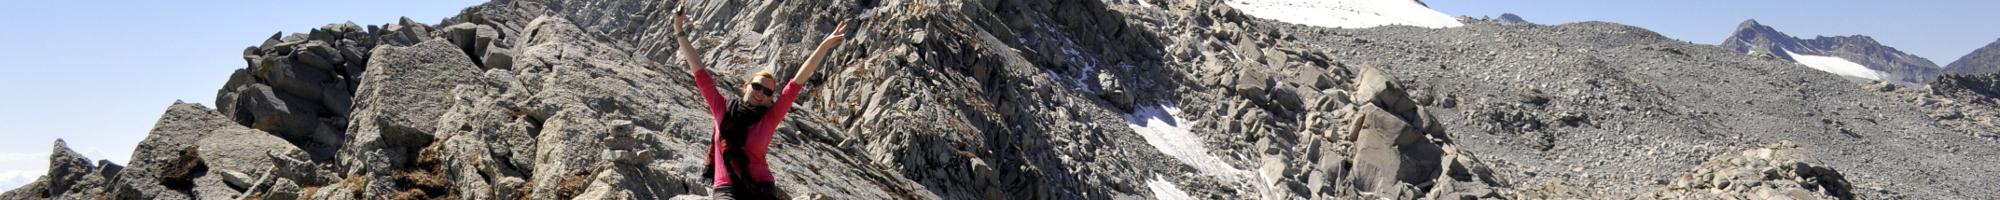 https://www.intakt-reisen.de/wp-content/themes/intakt-reisen-de/img/slideshow/Himalaya in Indien